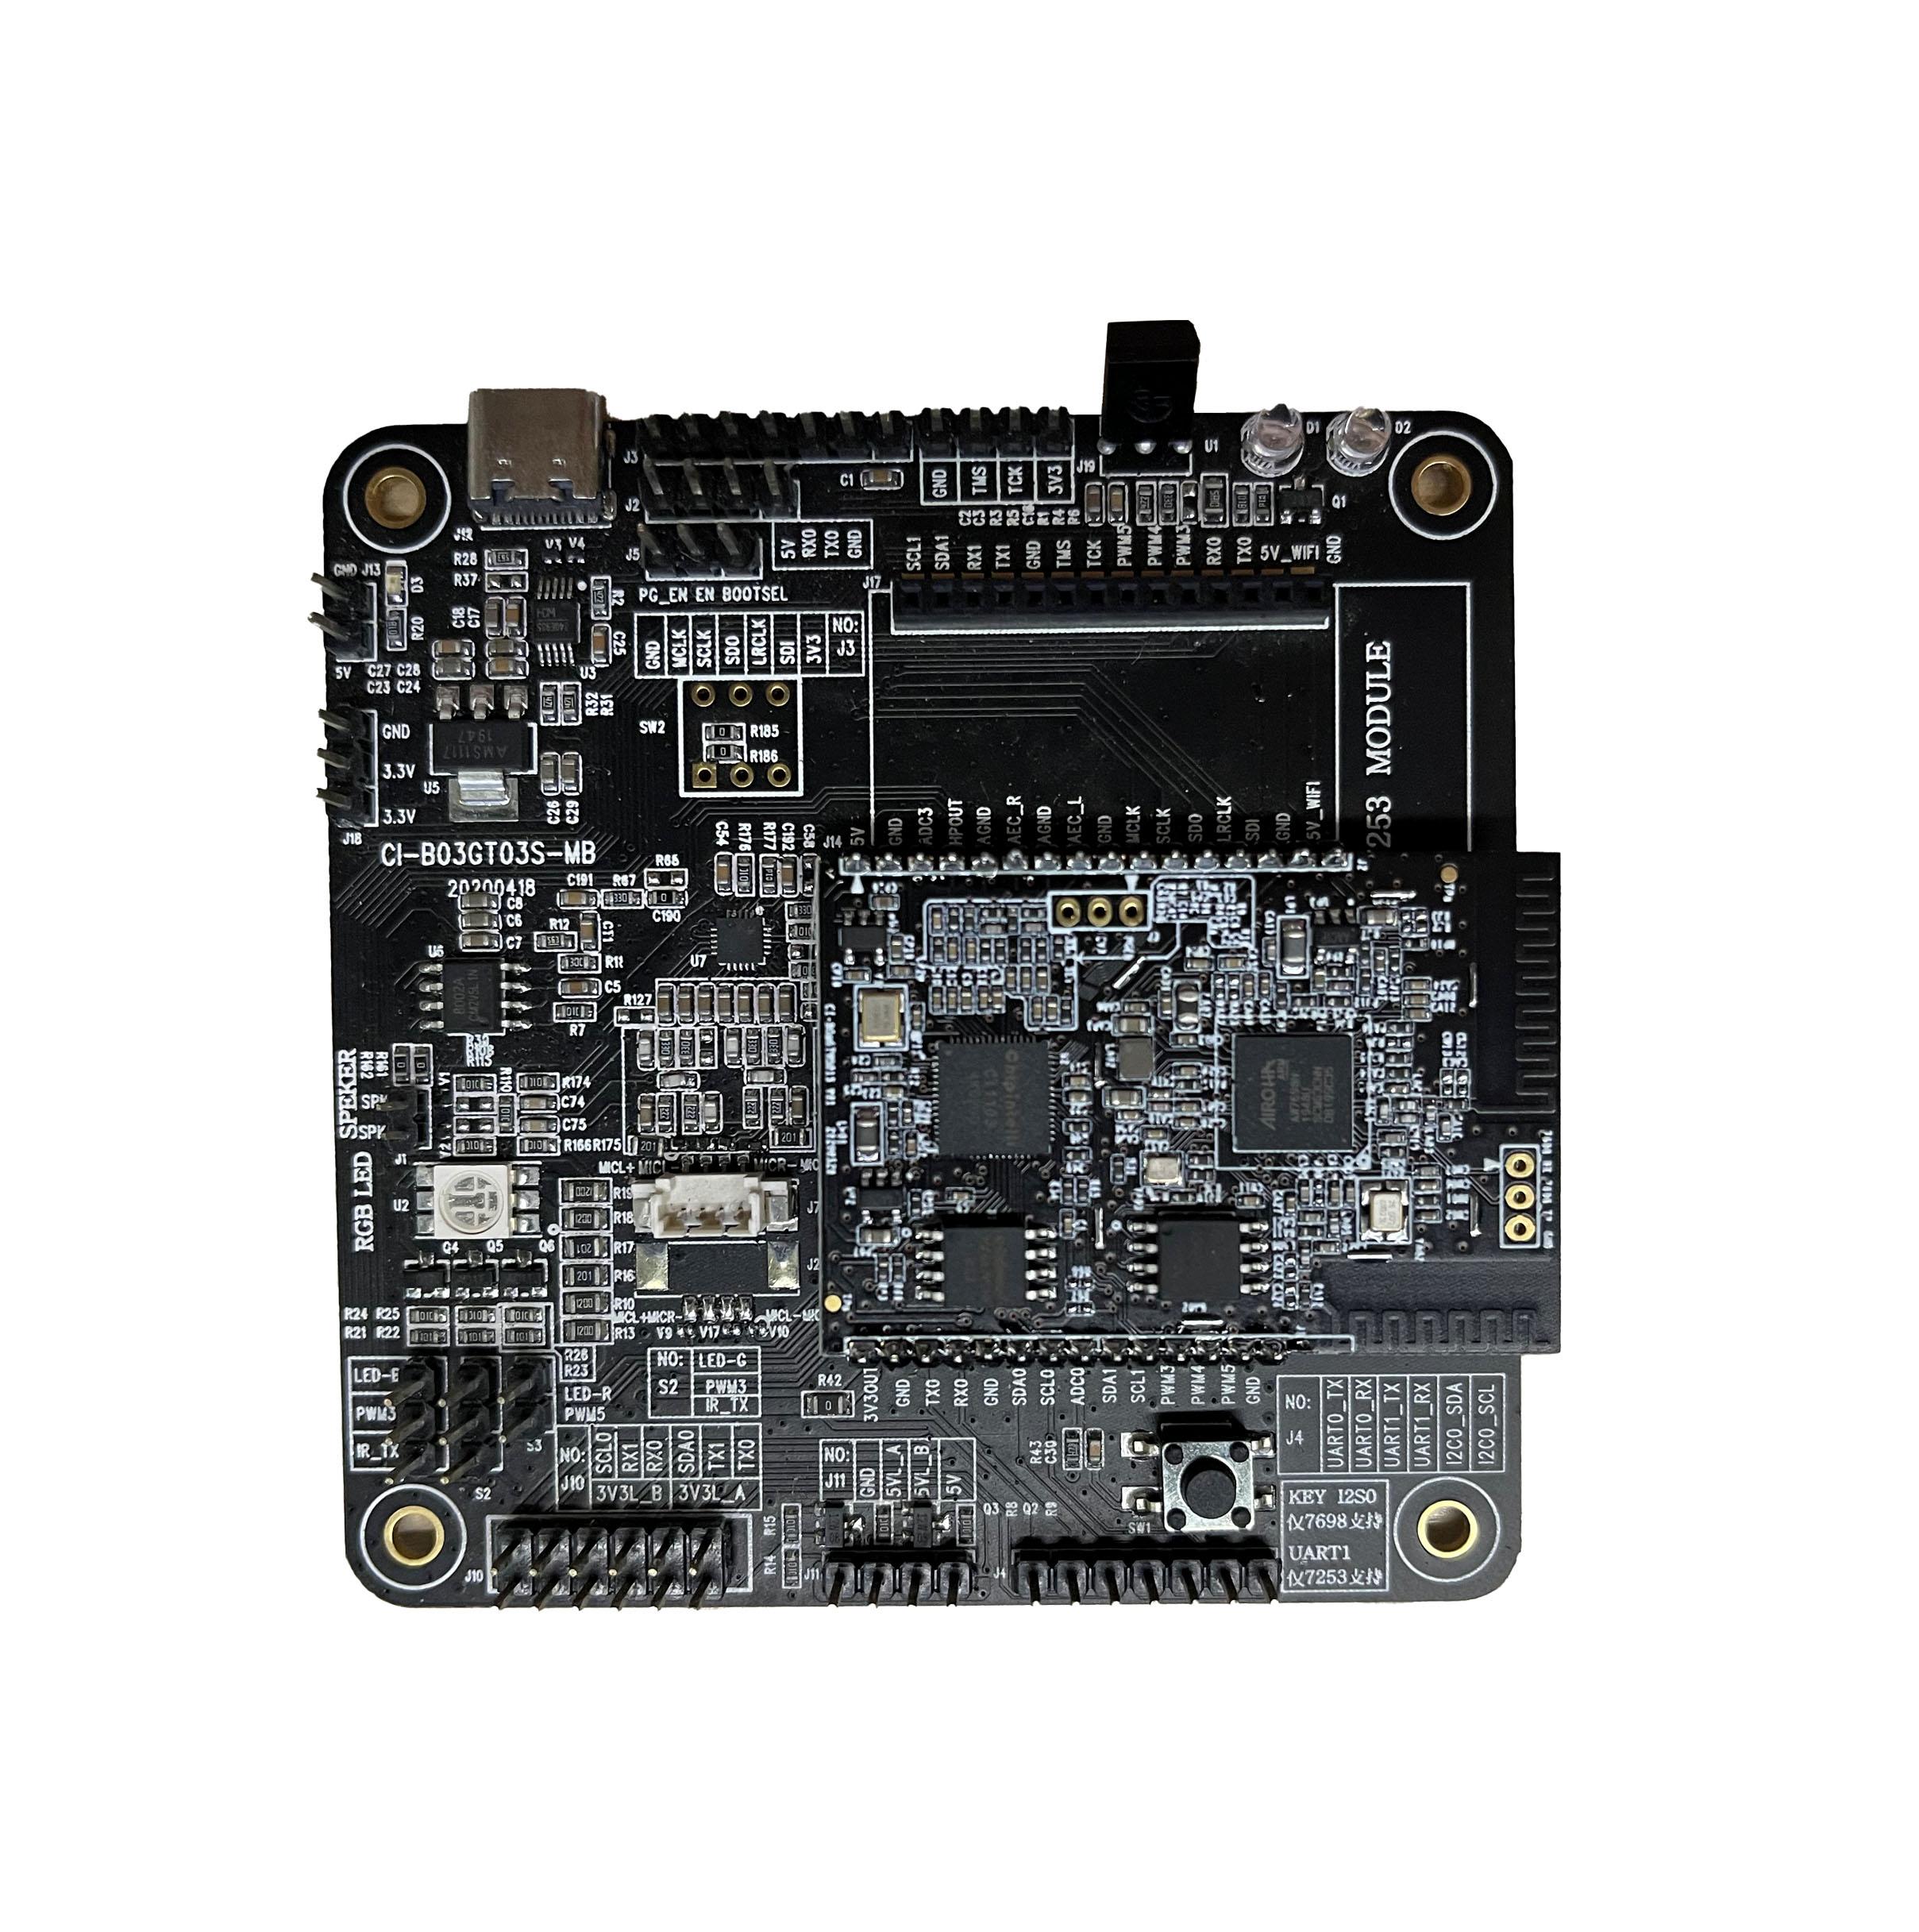 双麦离在线智能语音开发套件(CI-B03GT04S-MT)